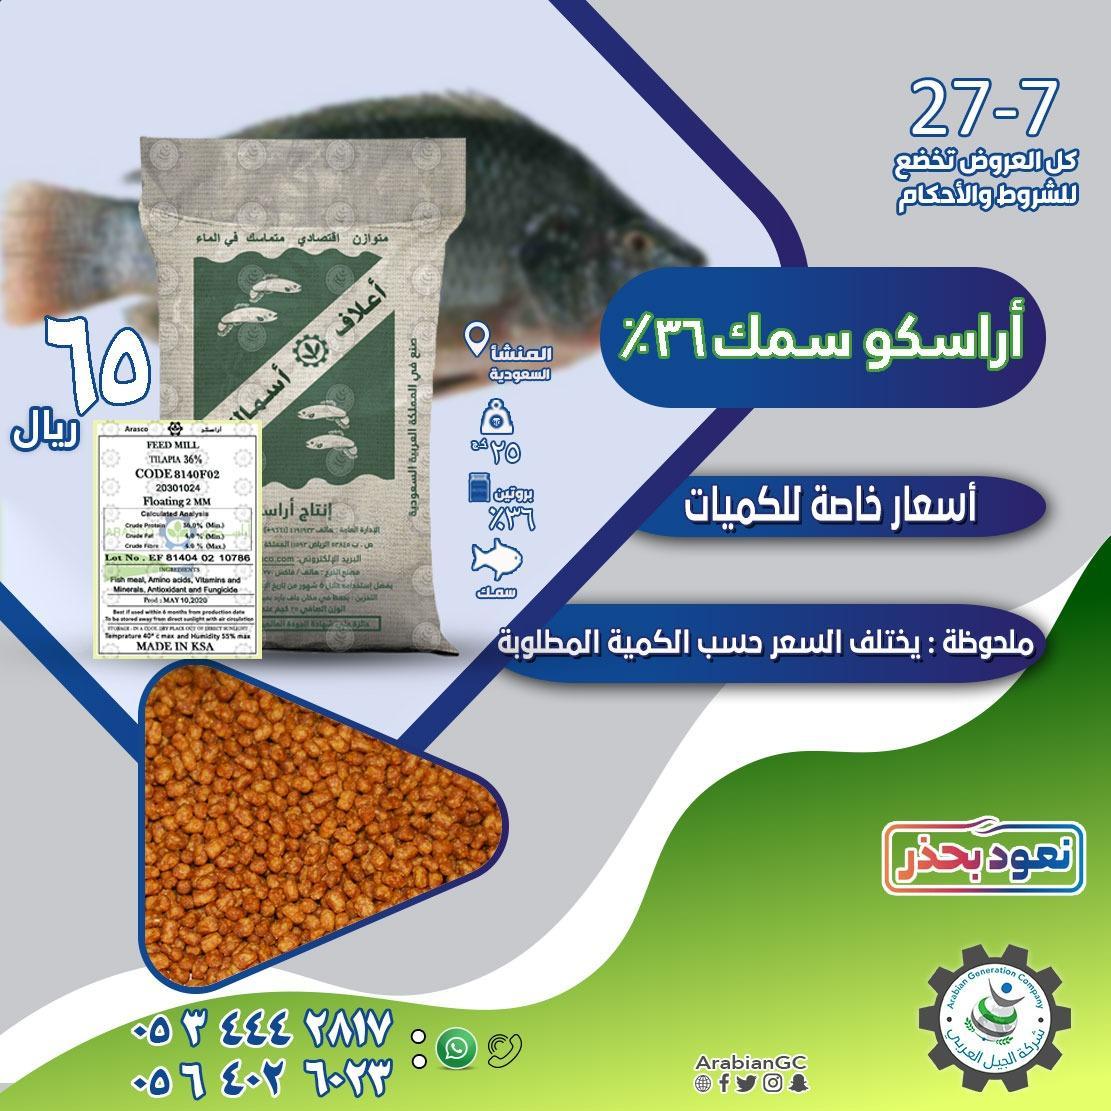 أعلاف أراسكو للأسماك الجيل العربي d.php?hash=LQVMXII73